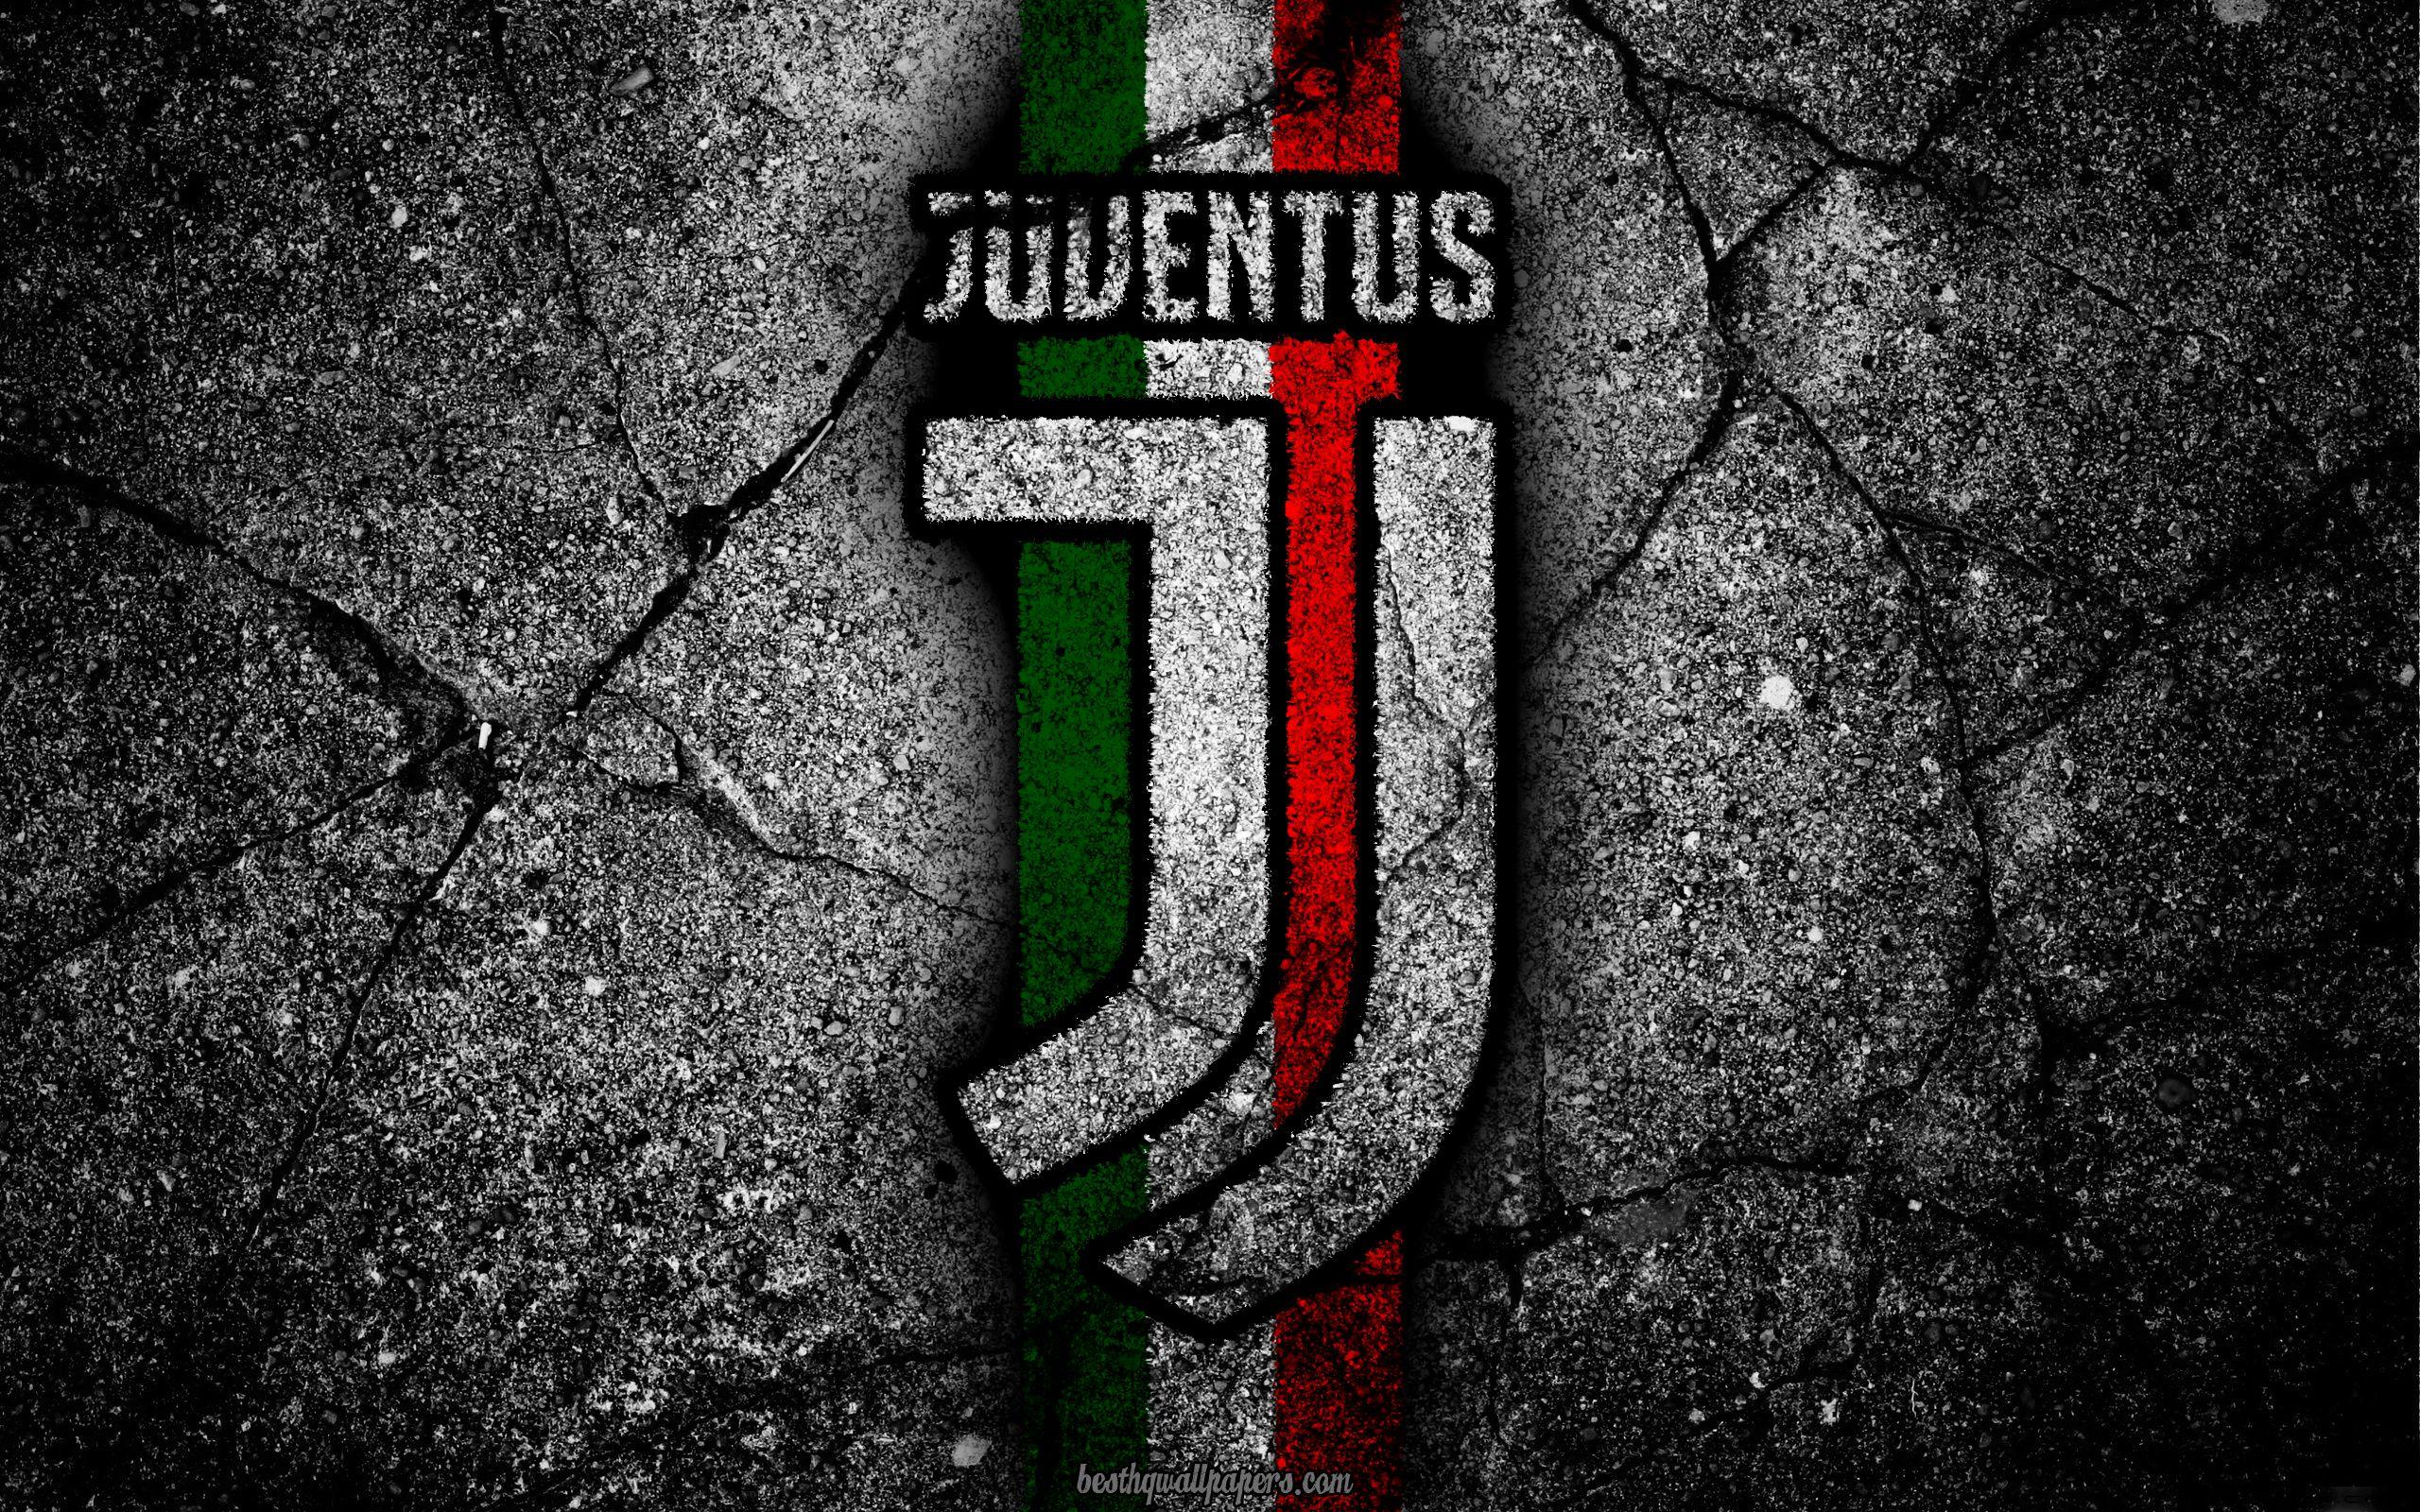 Juventus Stone Texture New Logo Serie A Art New Juventus Logo Juve Soccer Texture De Pierre Juventus Fond D Ecran Foot